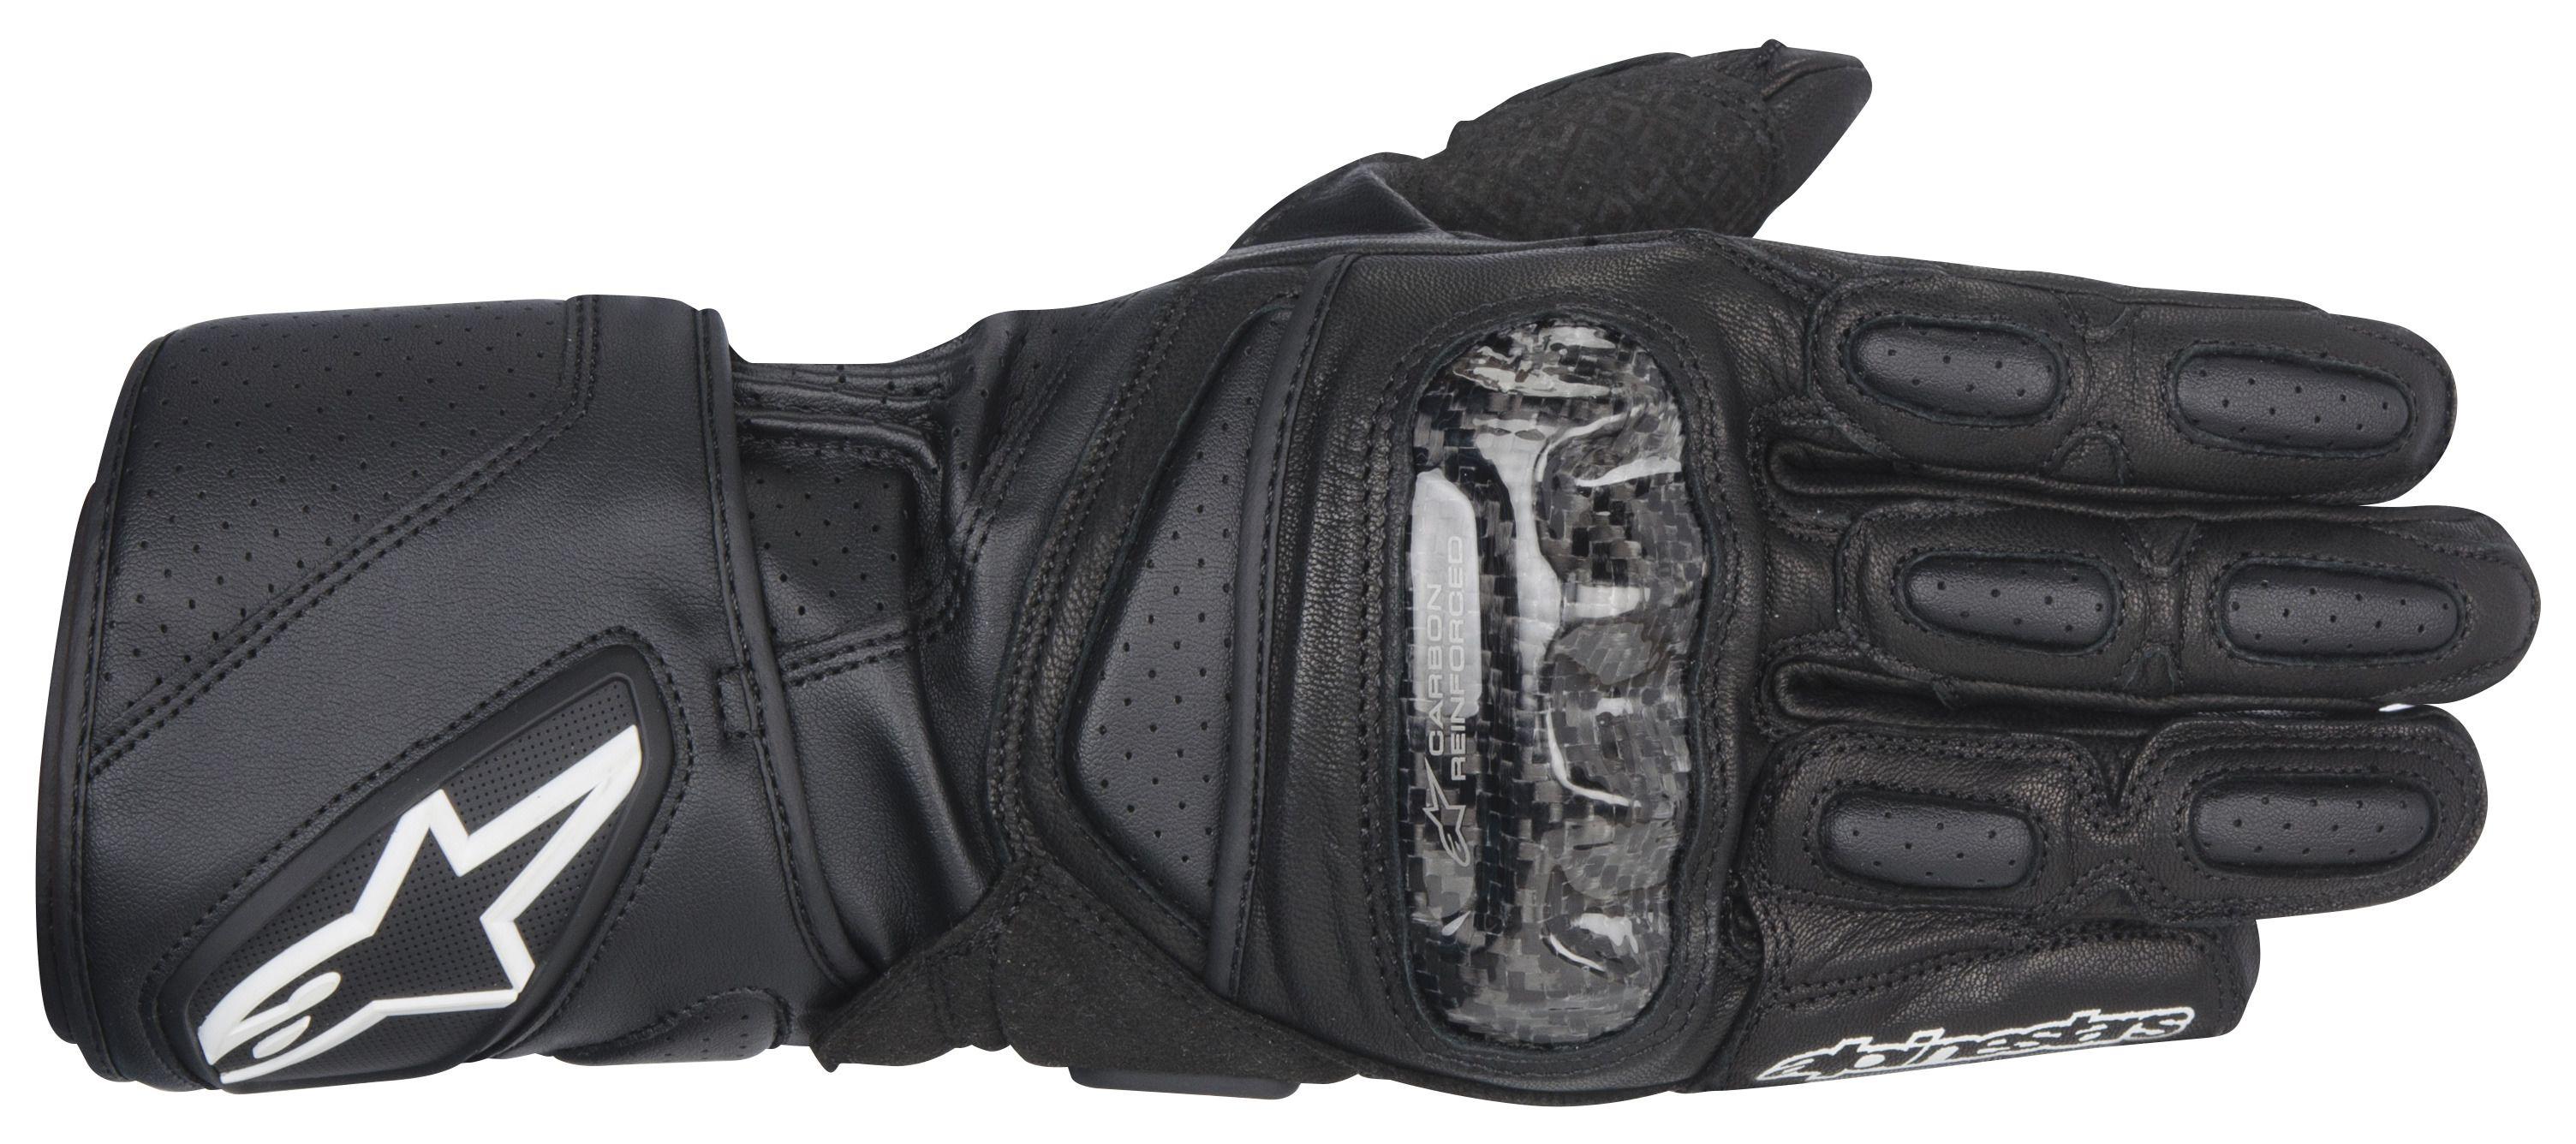 Alpinestar Motorcycle Gloves >> Alpinestars Sp 2 Gloves 33 50 00 Off Revzilla